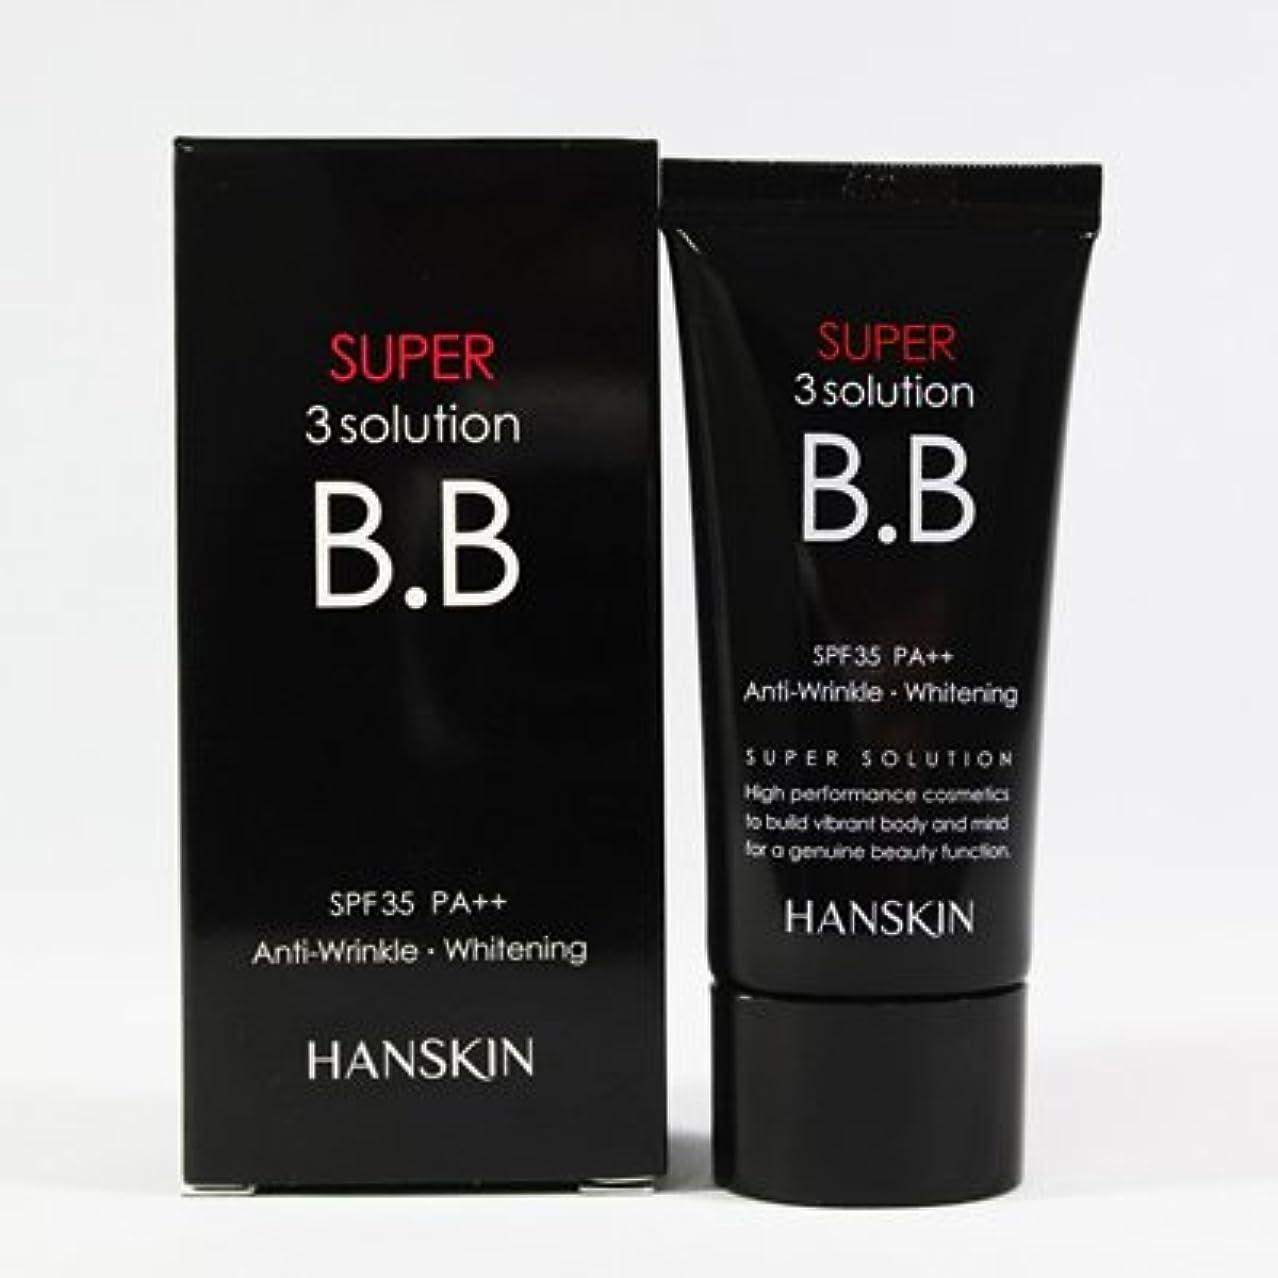 顔料ピストン公使館HANSKIN ハンスキン スーパー3ソリューションBBクリーム(30g) (箱無し)